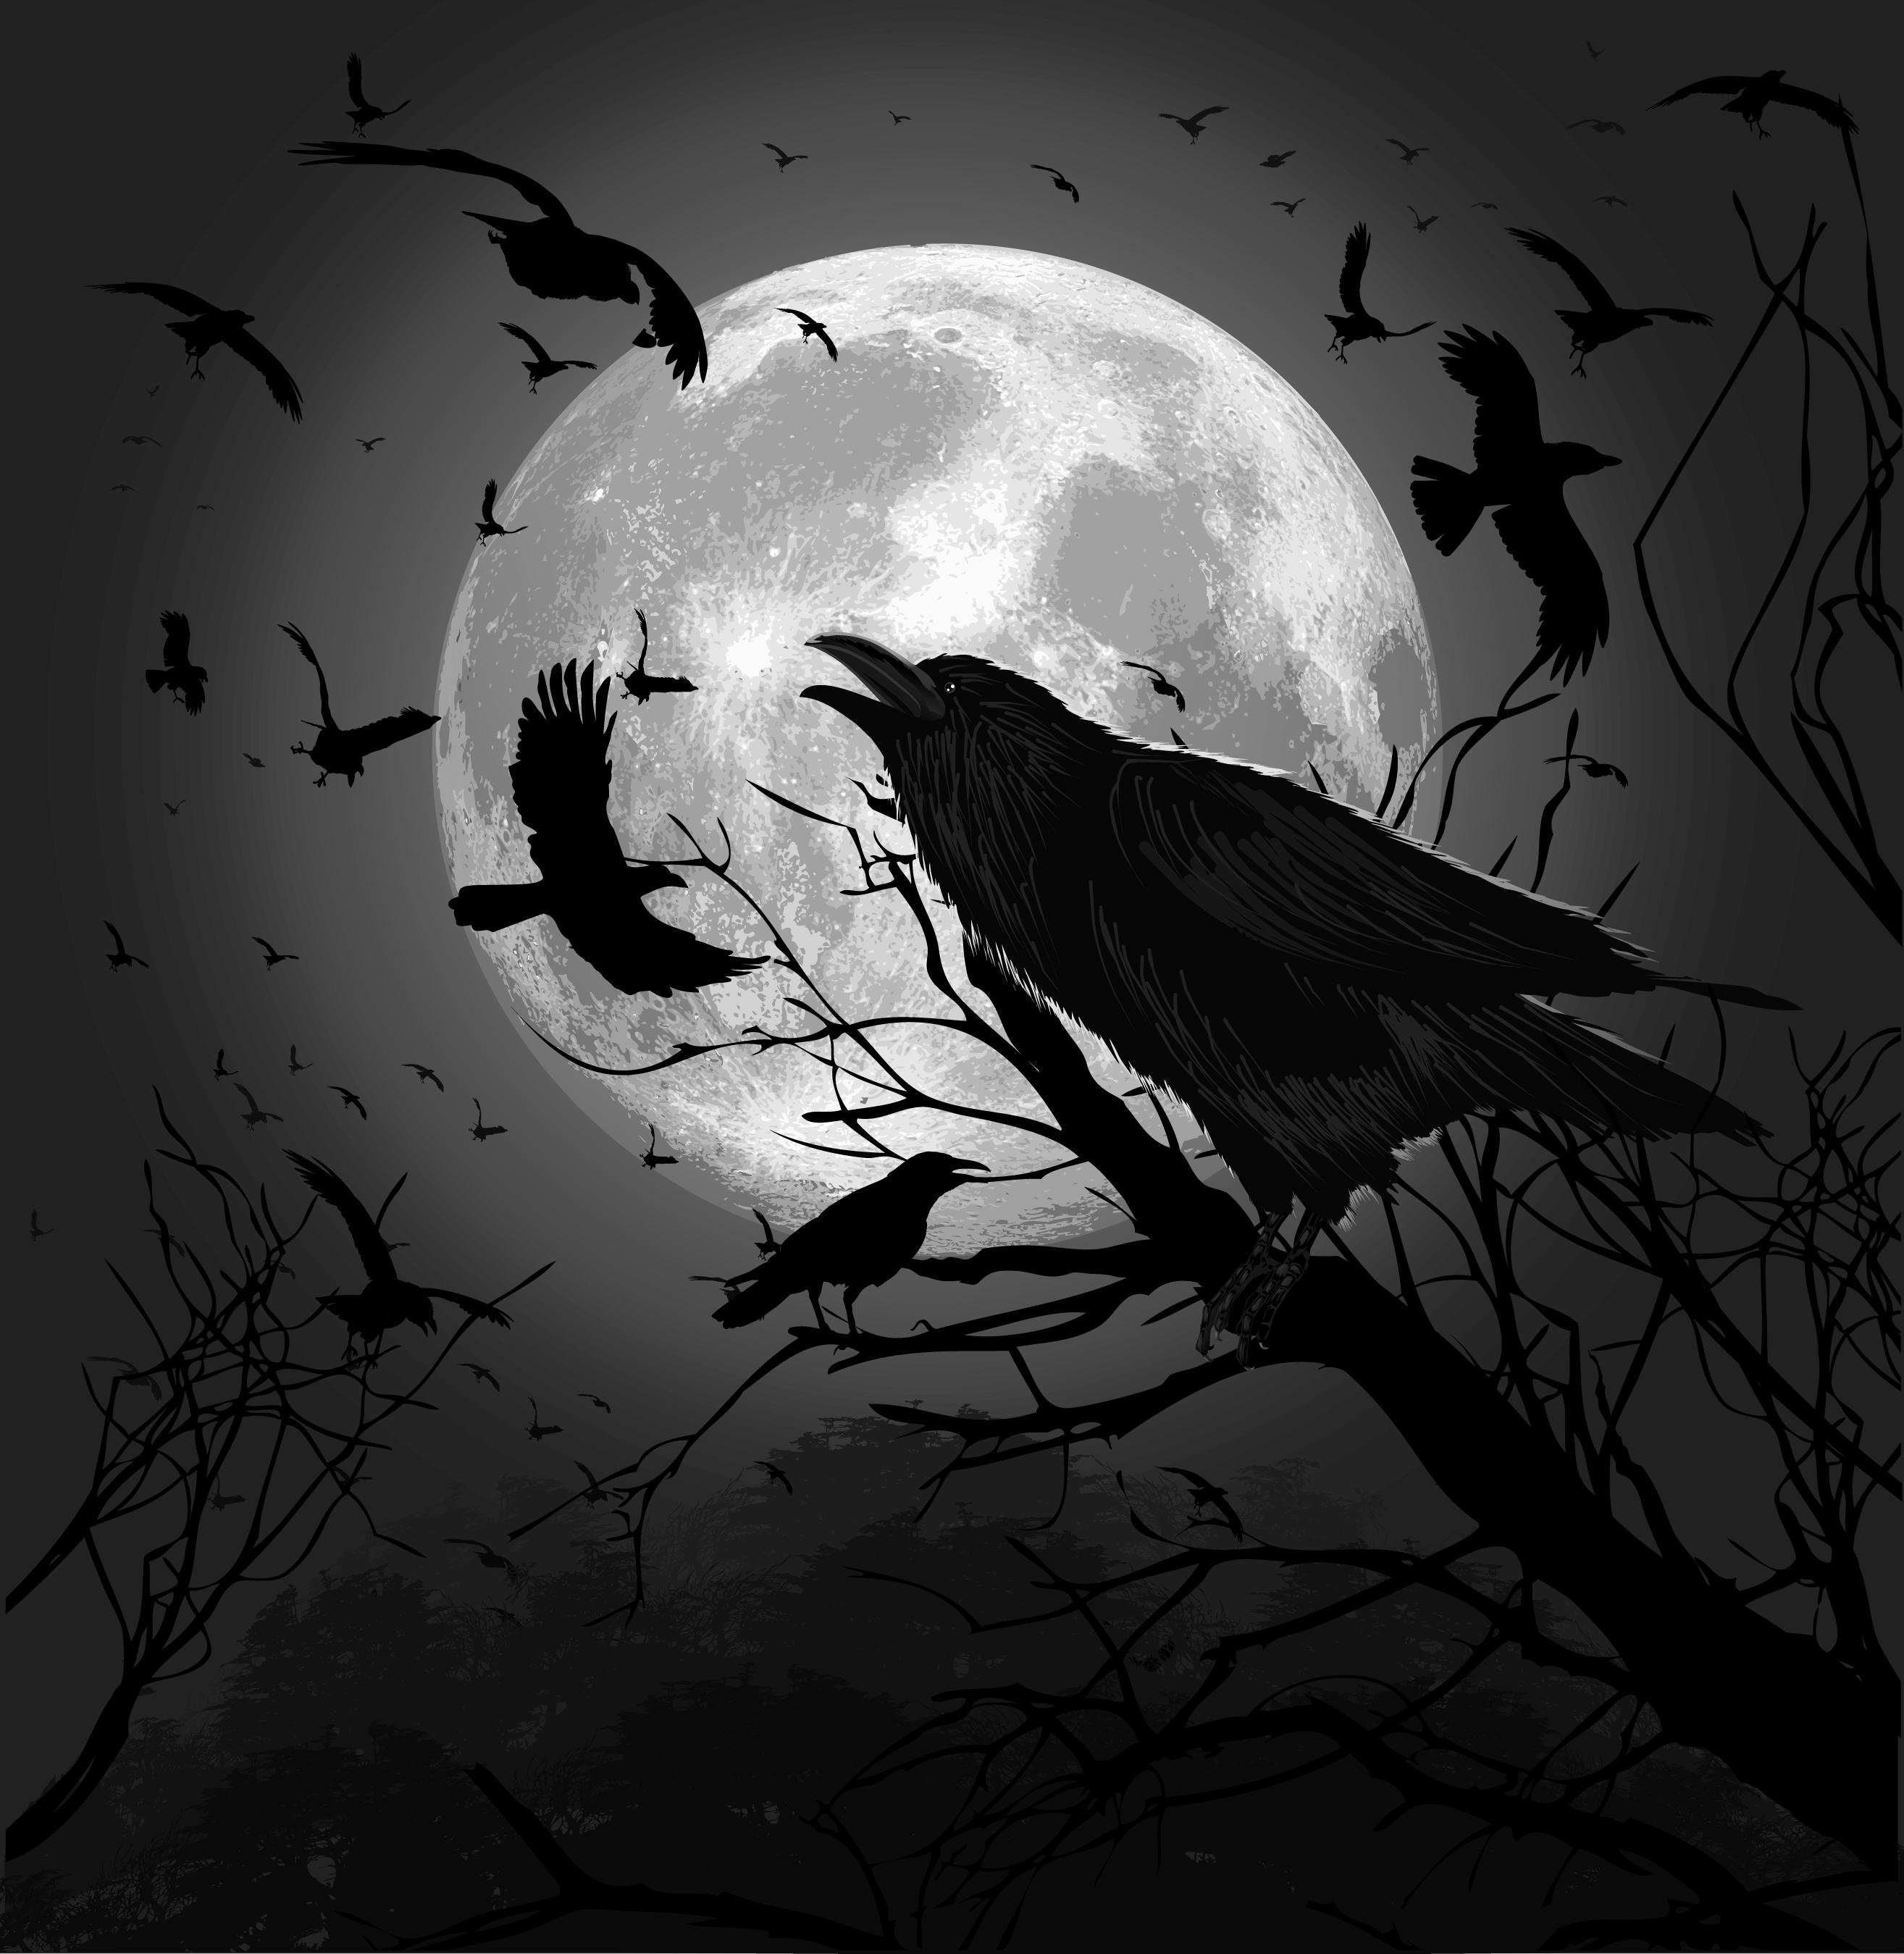 Drawn raven spooky Wallpaper Raven WallpaperSafari The Mocker